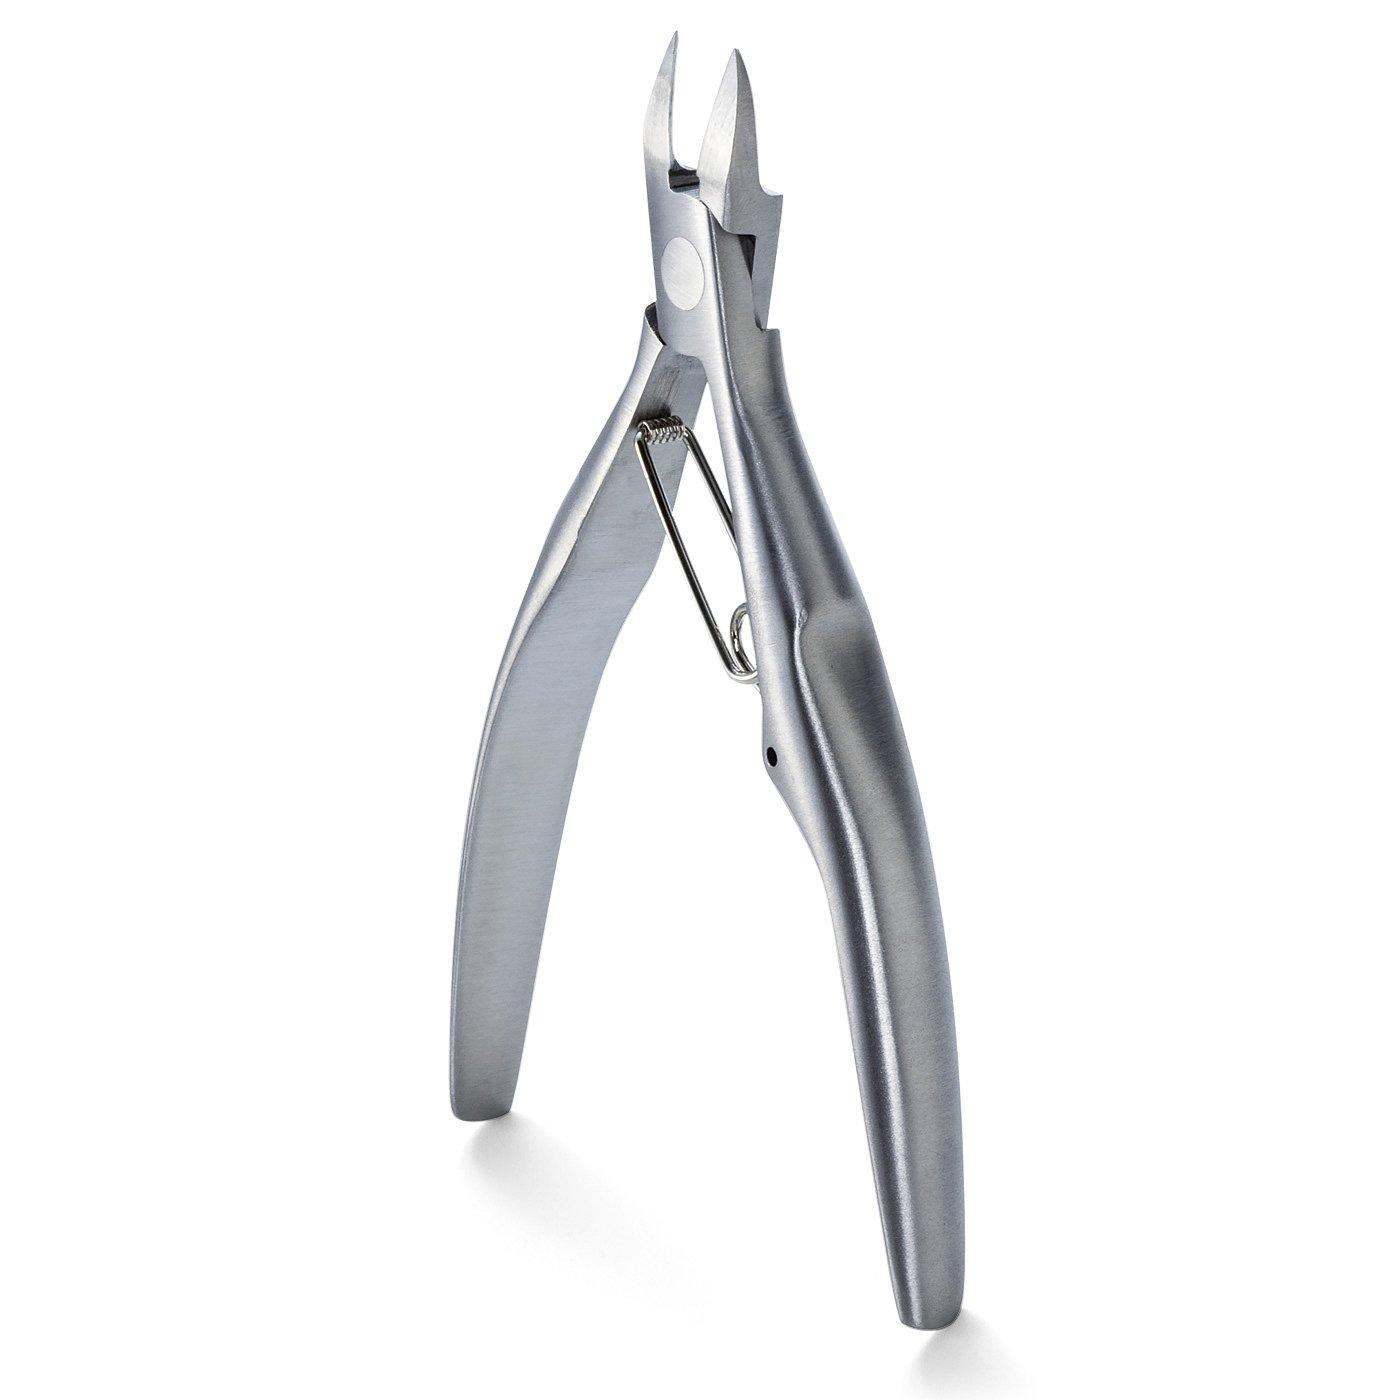 巻き爪専門医と開発 らくにきれいにカットできる 巻き爪専用つめ切り